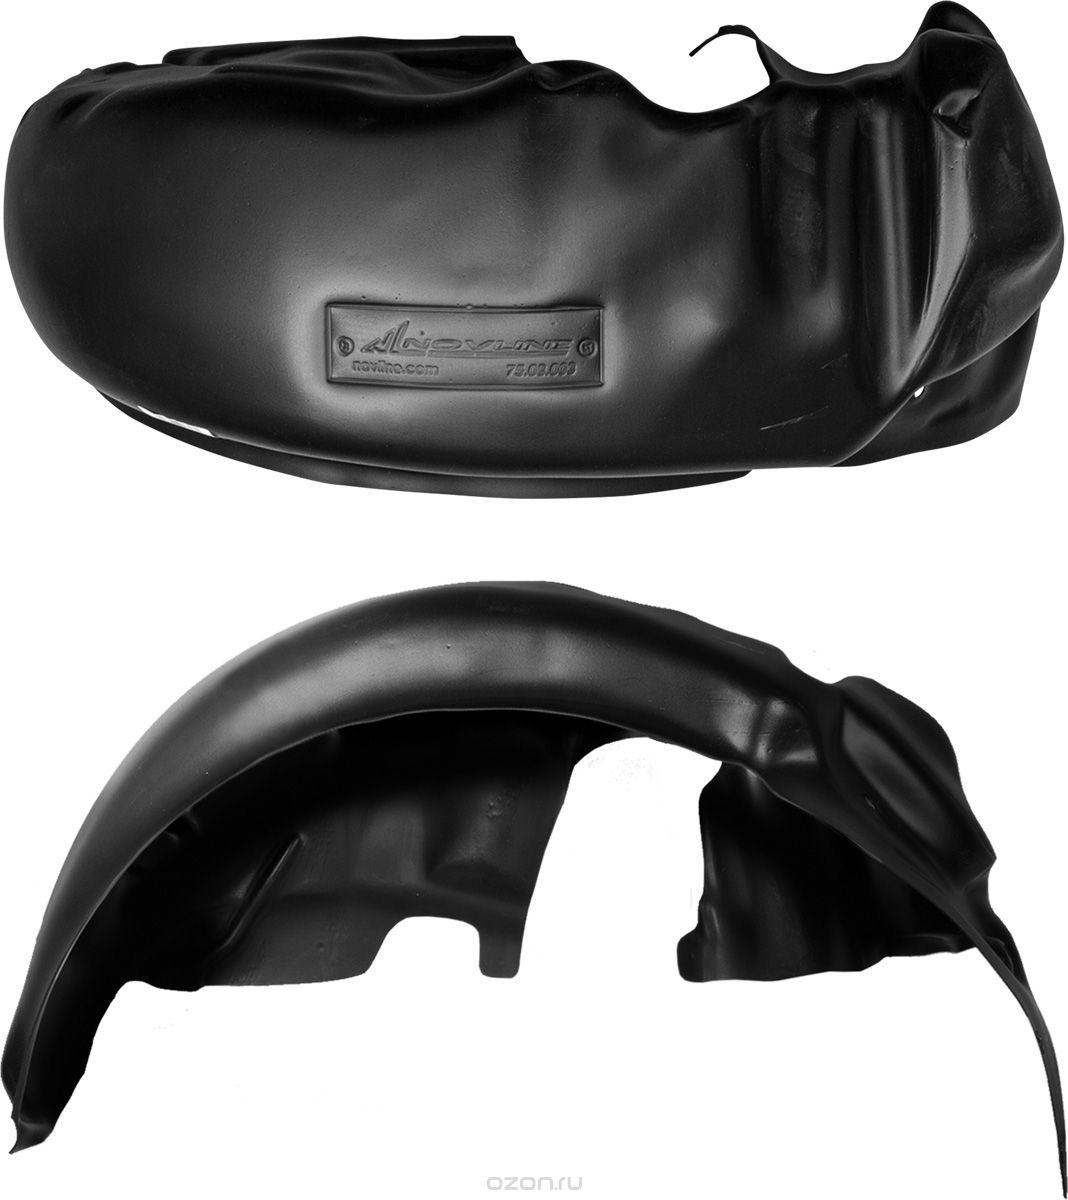 Подкрылок Novline-Autofamily, для FORD Fiesta, 2015-> сед./хб., передний левыйSVC-300Идеальная защита колесной ниши. Локеры разработаны с применением цифровых технологий, гарантируют максимальную повторяемость поверхности арки. Изделия устанавливаются без нарушения лакокрасочного покрытия автомобиля, каждый подкрылок комплектуется крепежом. Уважаемые клиенты, обращаем ваше внимание, что фотографии на подкрылки универсальные и не отражают реальную форму изделия. При этом само изделие идет точно под размер указанного автомобиля.